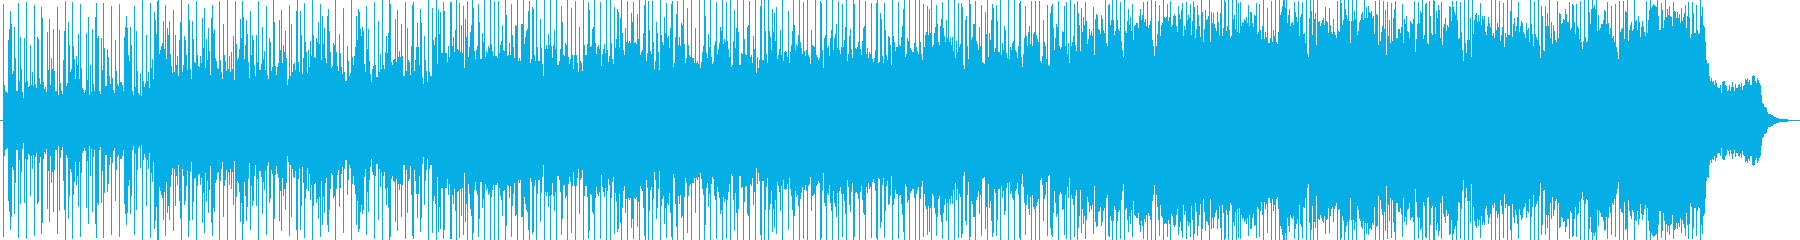 動画 サスペンス アクション 勝利...の再生済みの波形